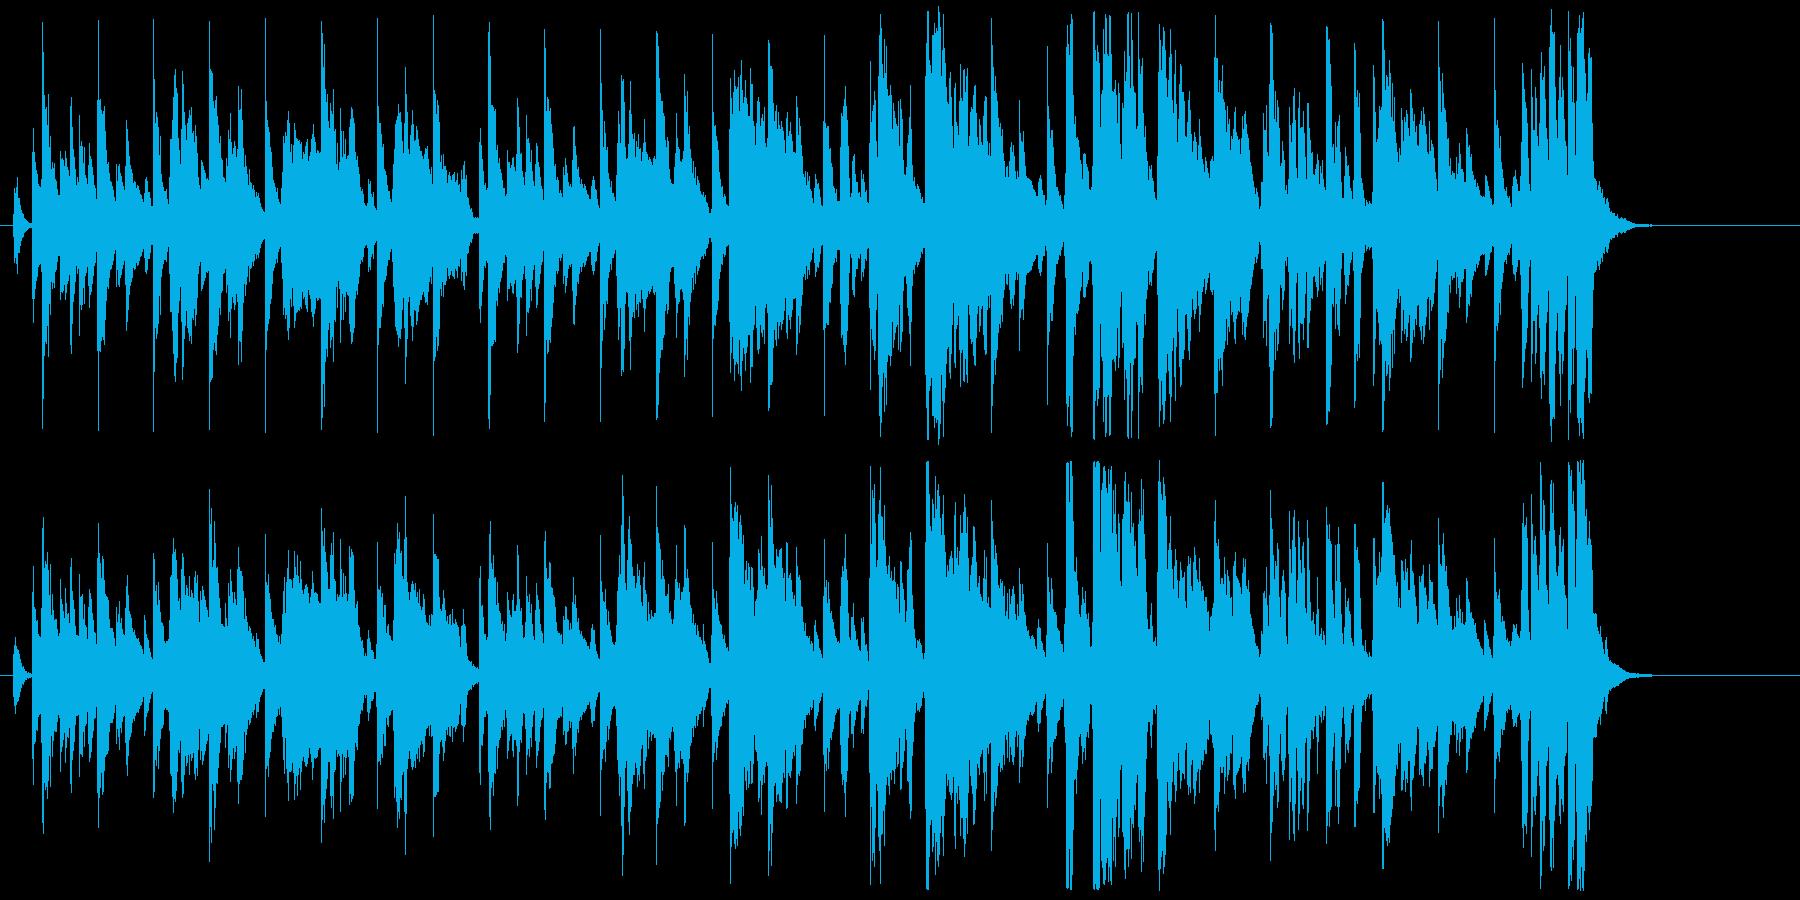 怪しげながらも少しマヌケなBGM(EP)の再生済みの波形